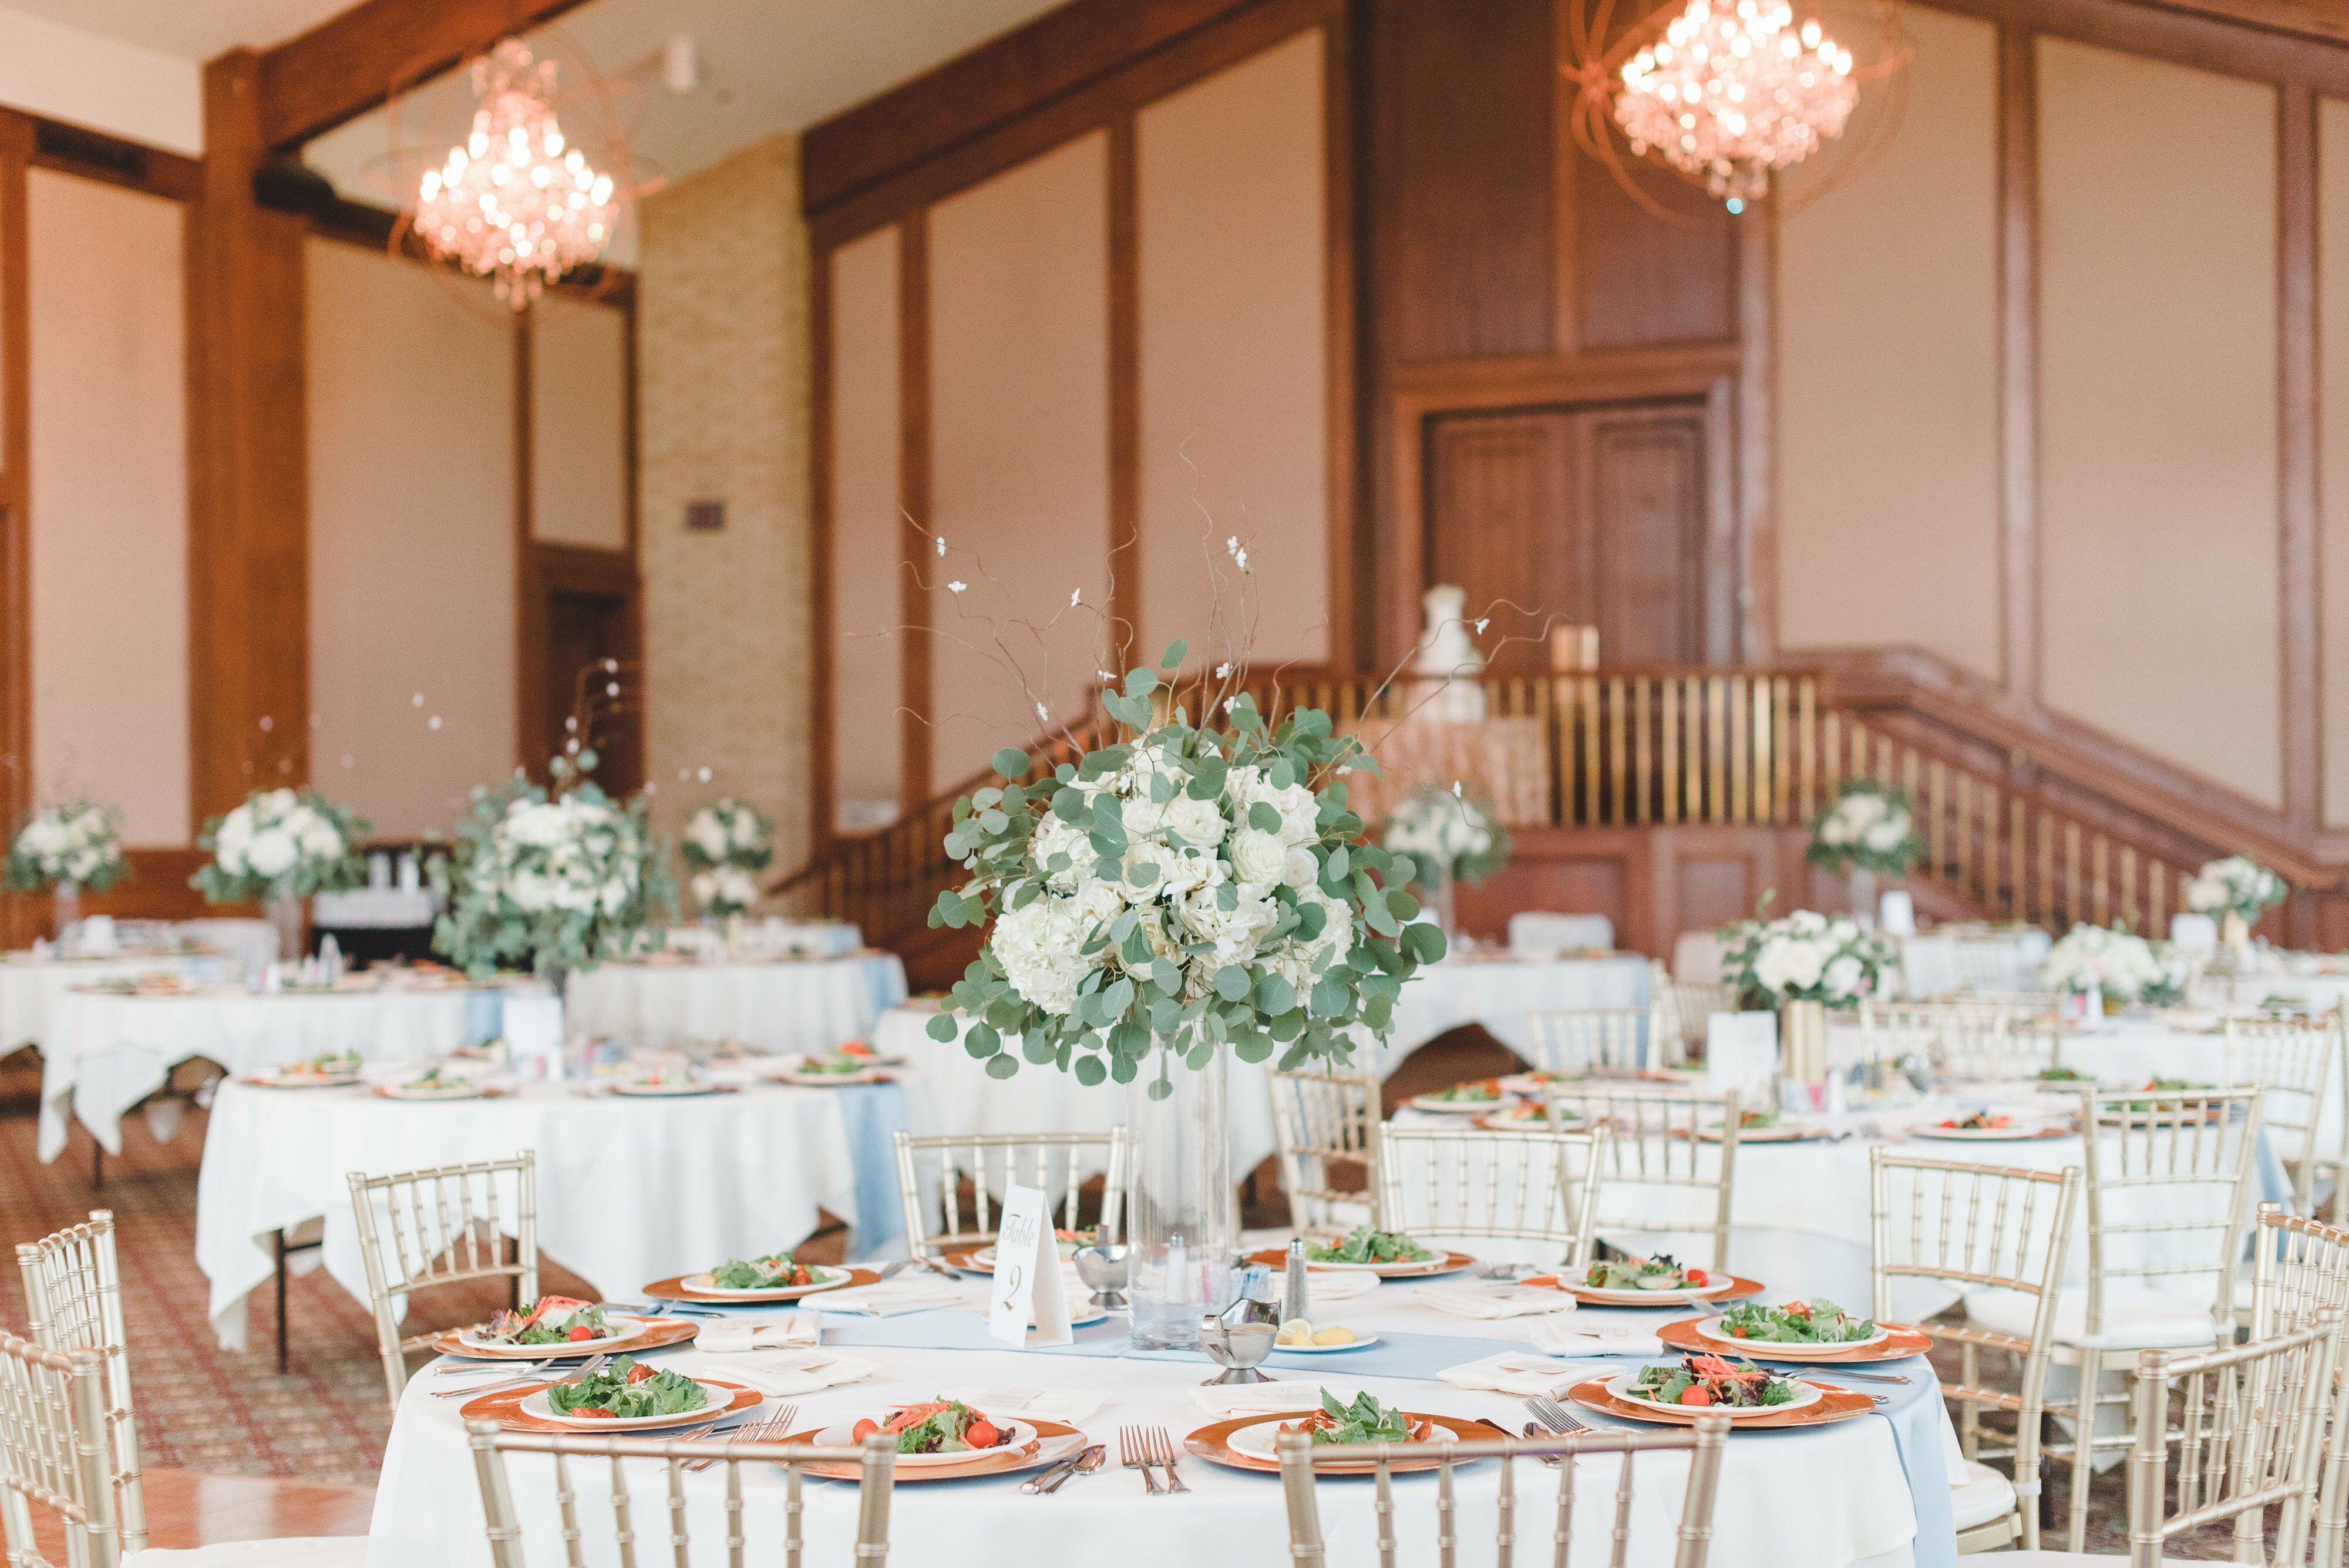 Atrium Hotel & Suites Irving TX